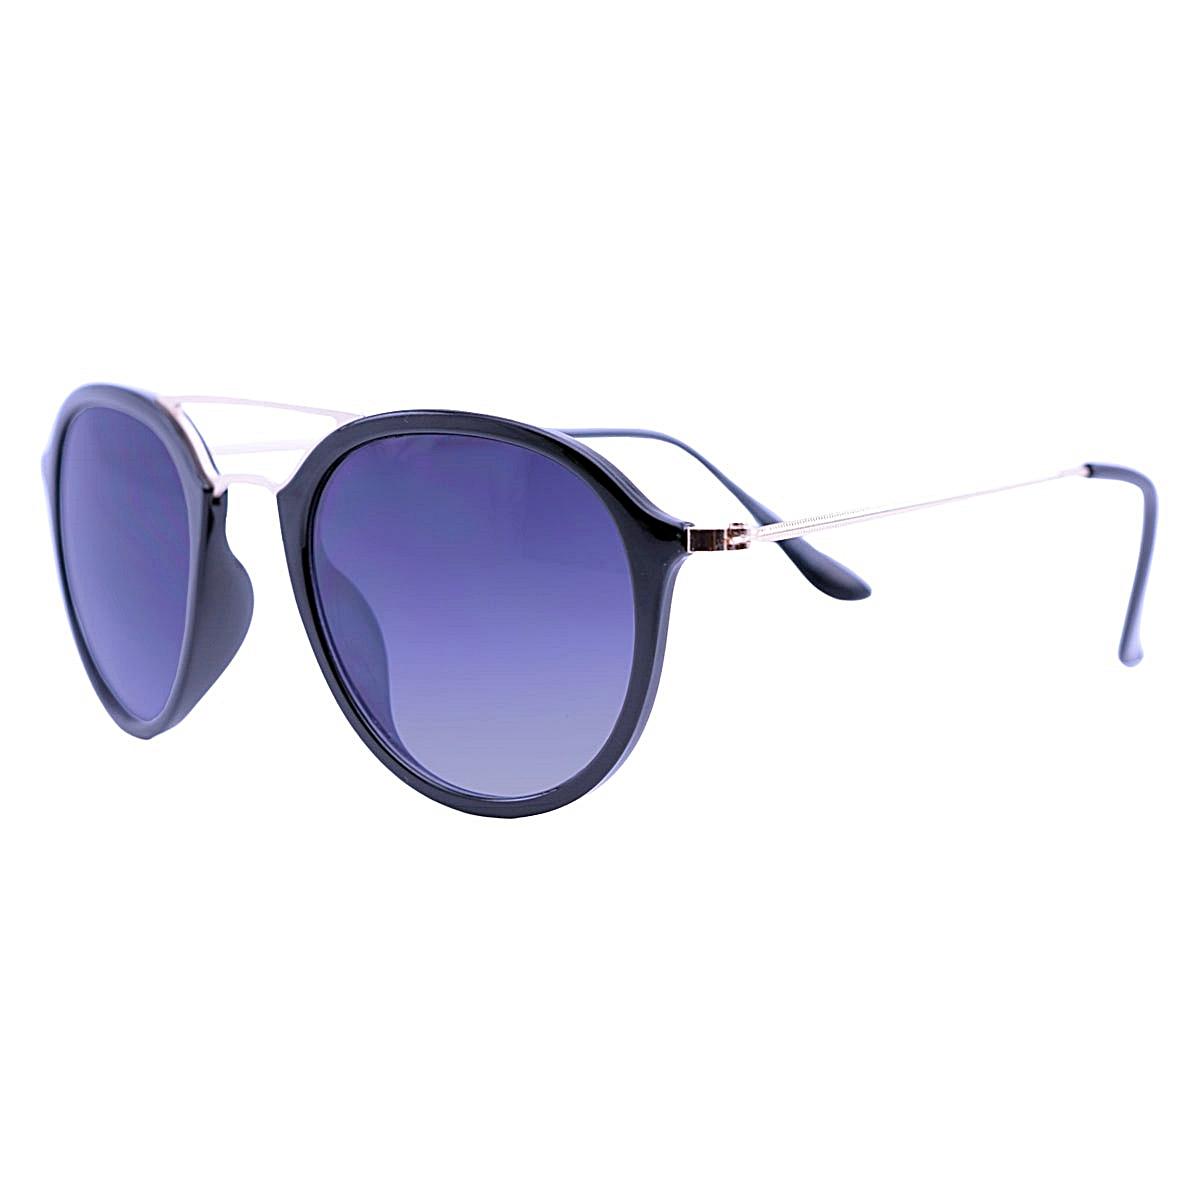 Óculos De Sol Mackage Unissex Acetato Aviator - Preto